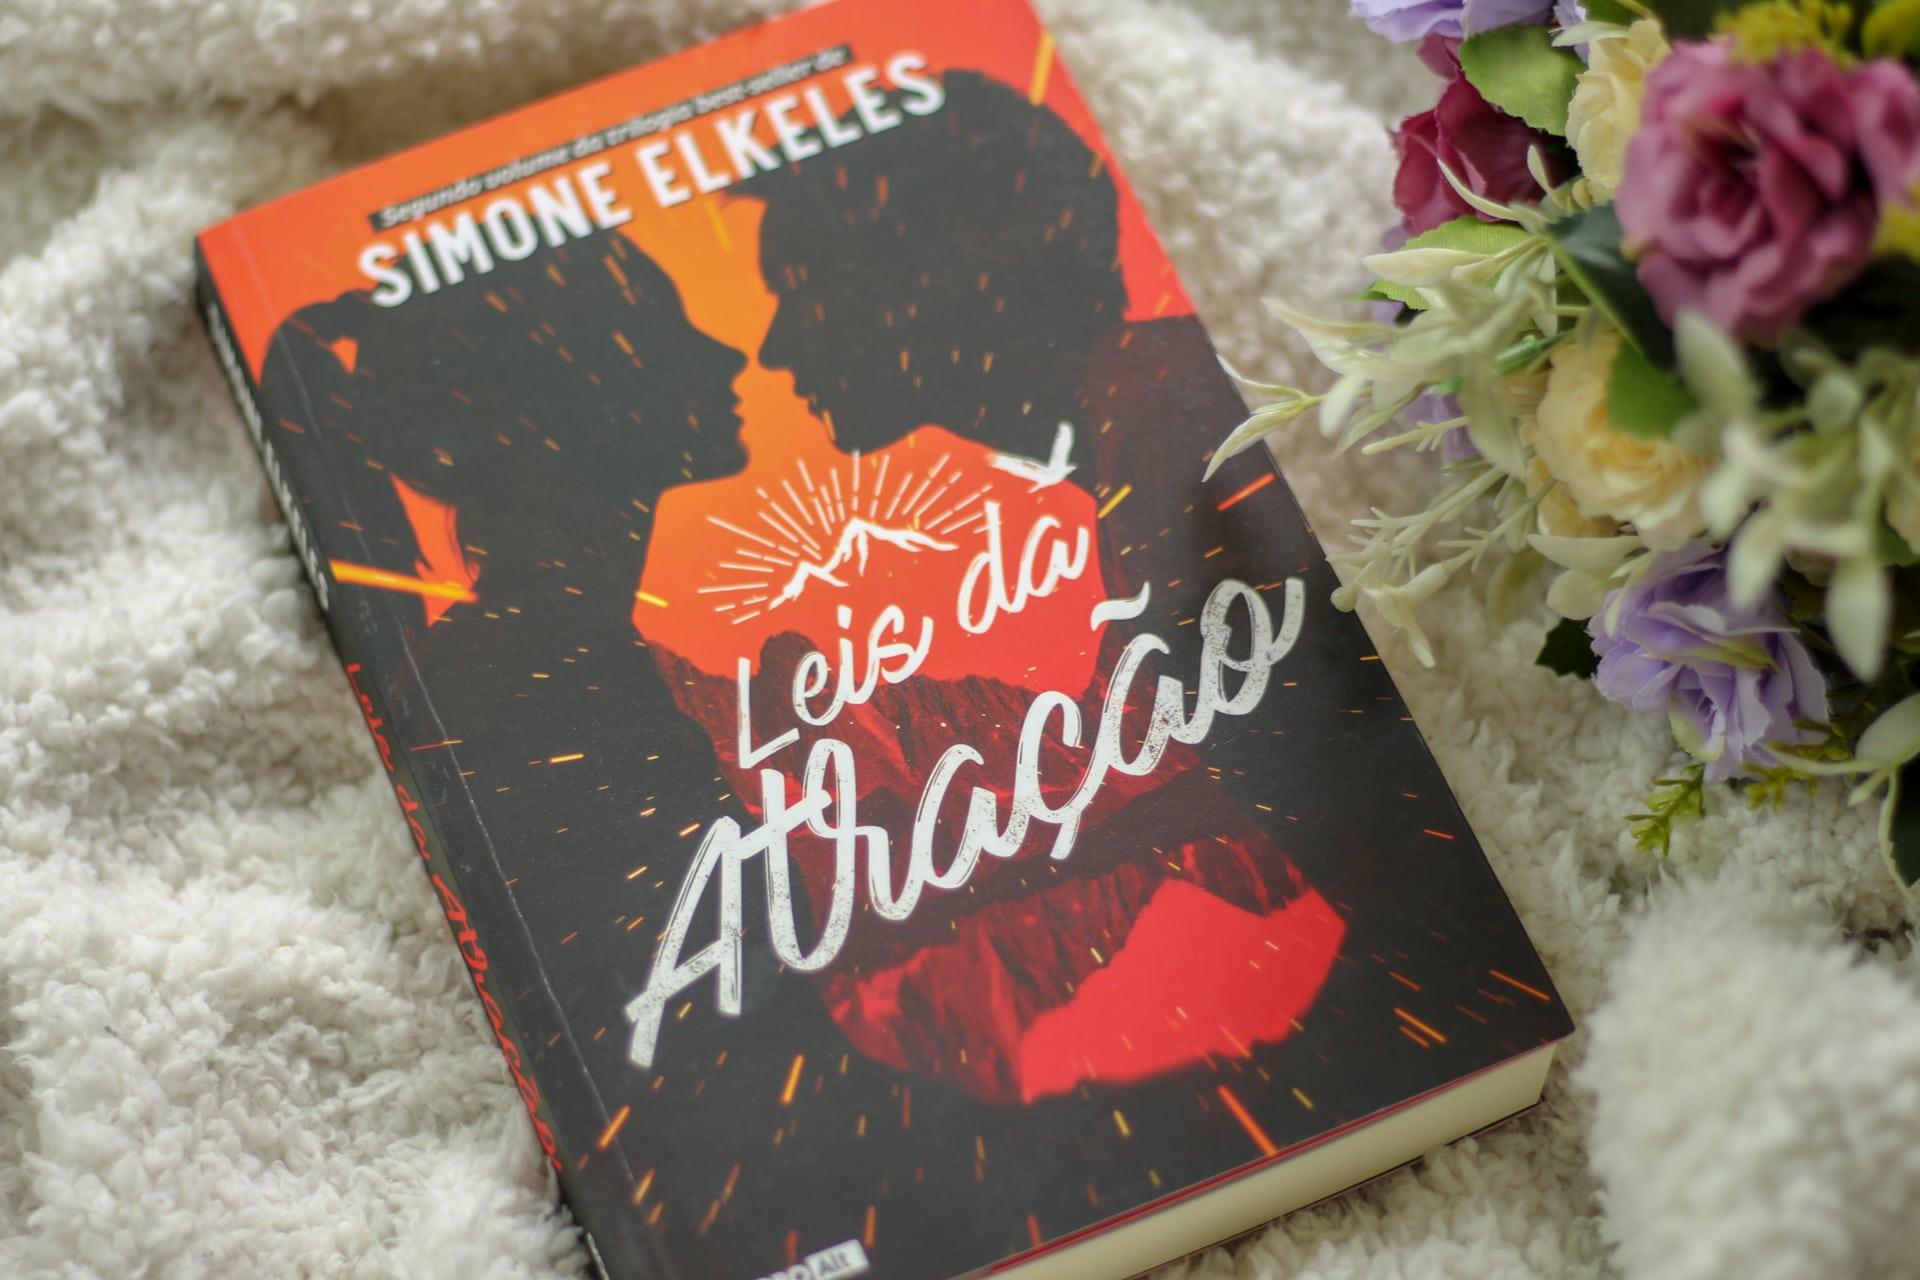 Leis da Atração, de Simone Elkeles